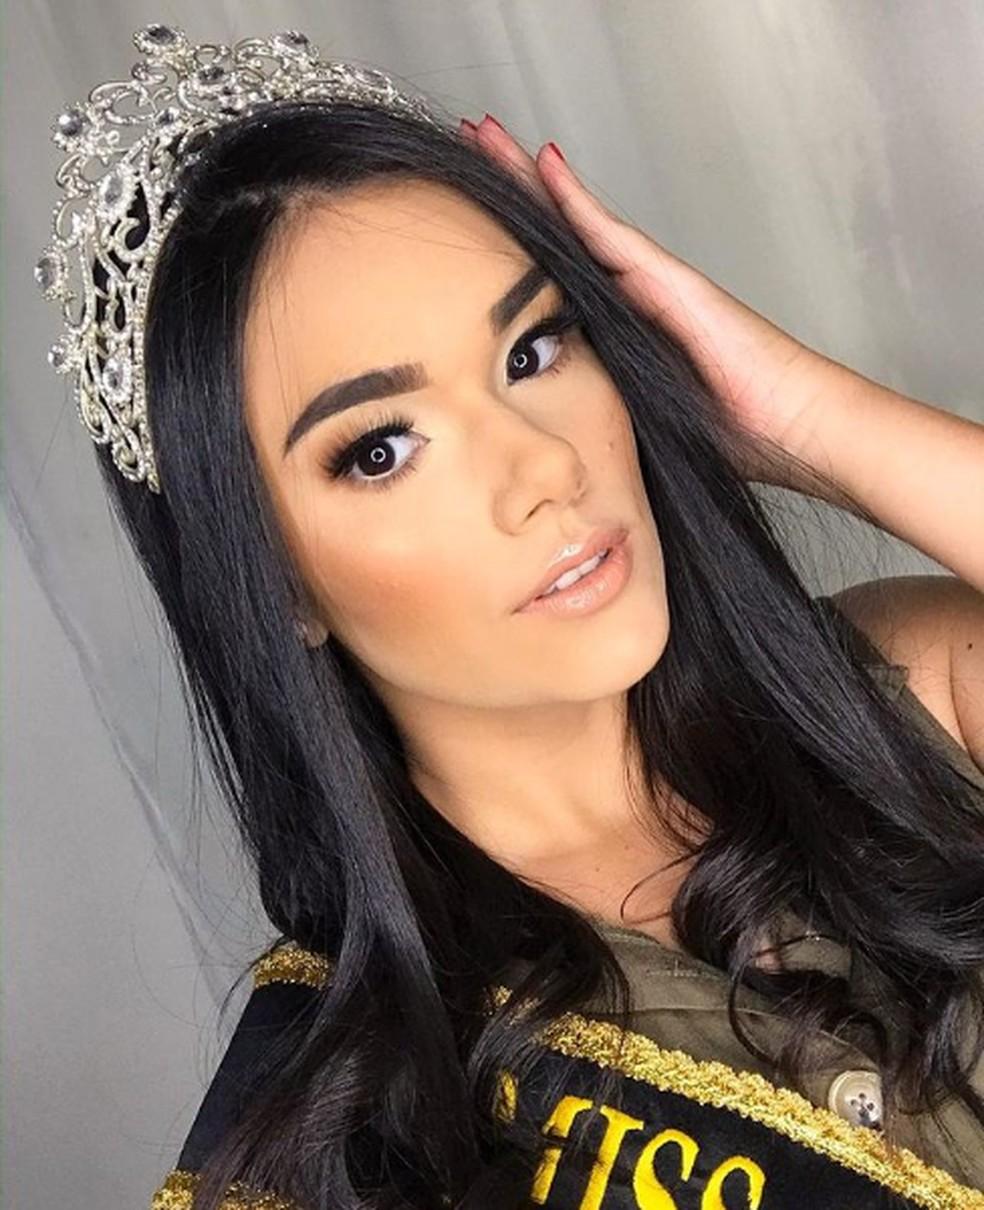 A jovem participava de concursos de beleza no estado — Foto: Reprodução/Instagram vanessalayss